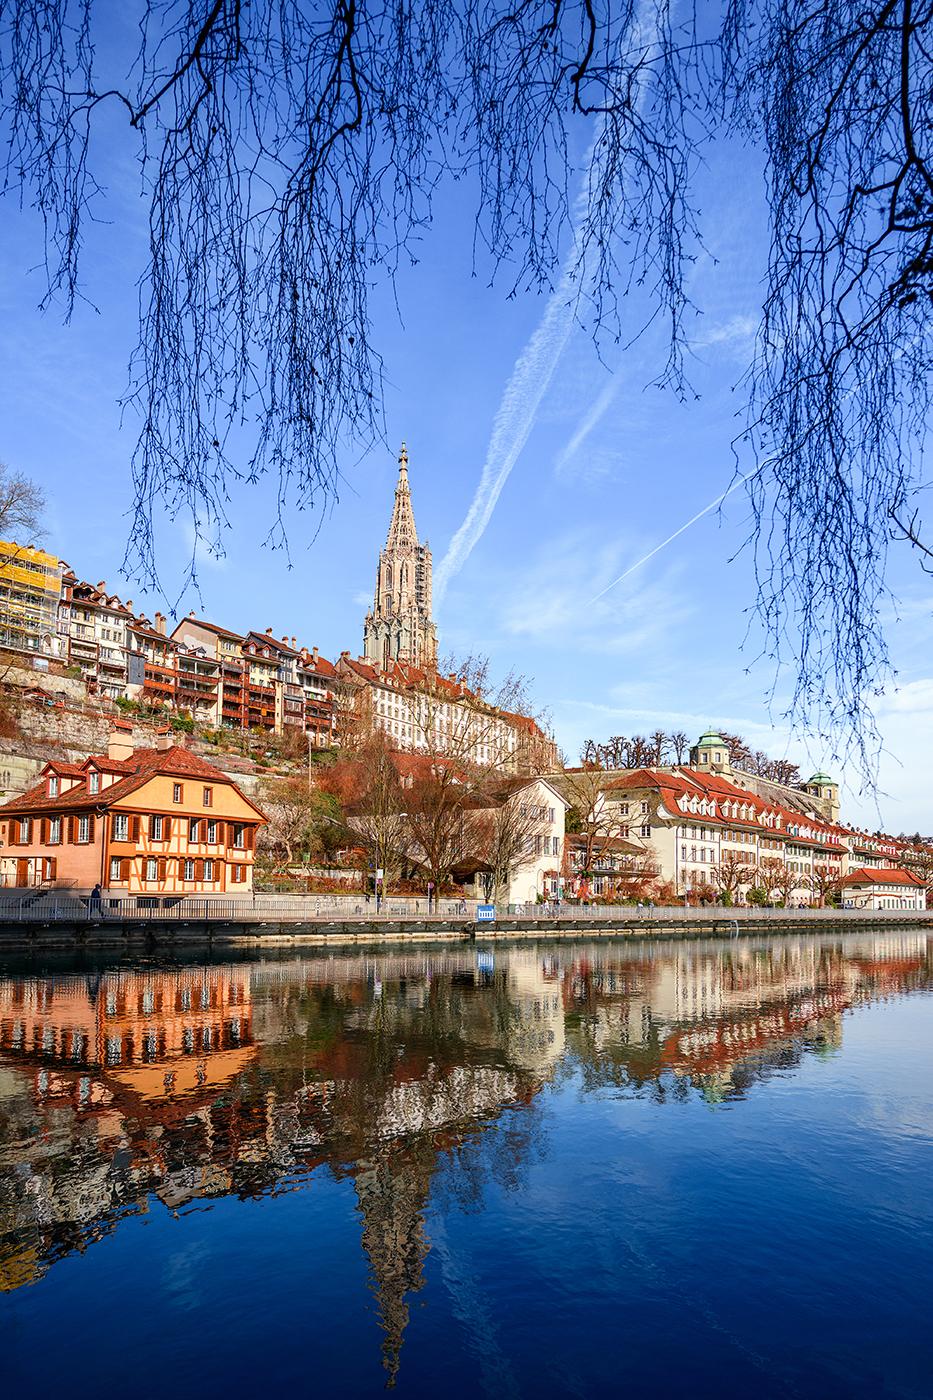 River Aare in Bern, Switzerland